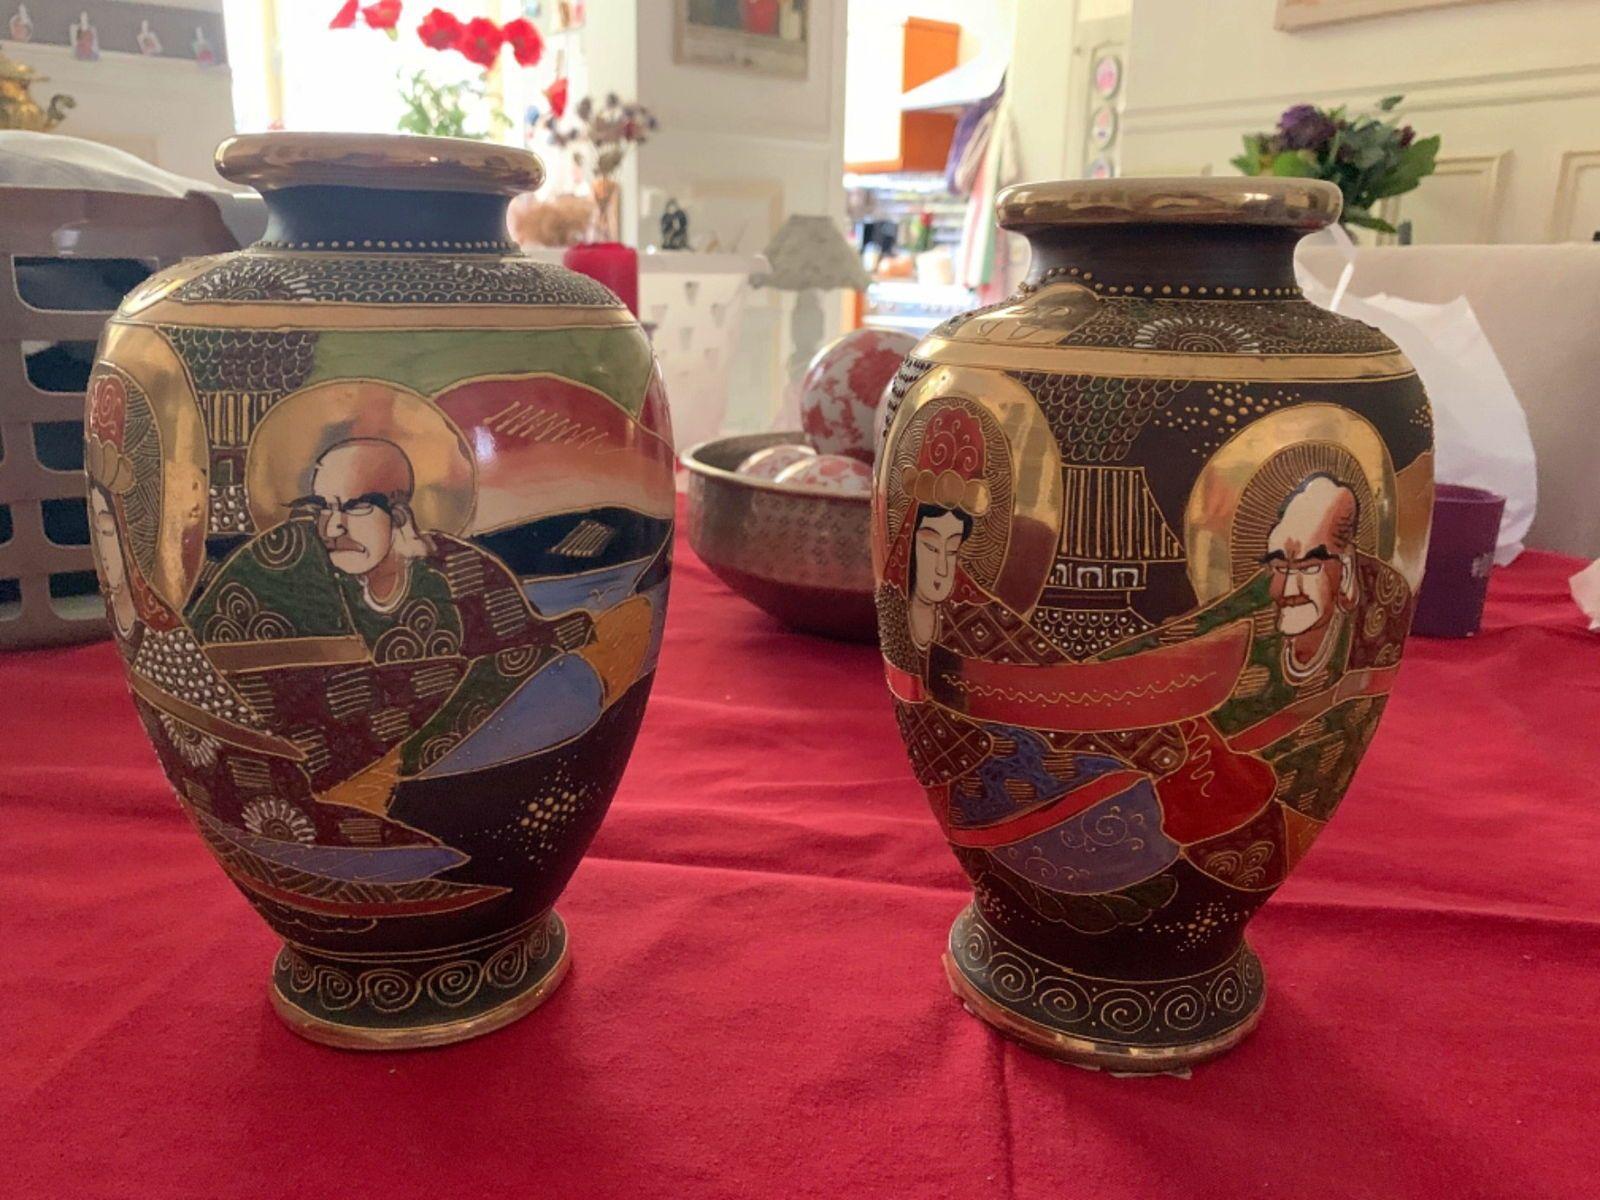 À vendre vases japonais Satsuma